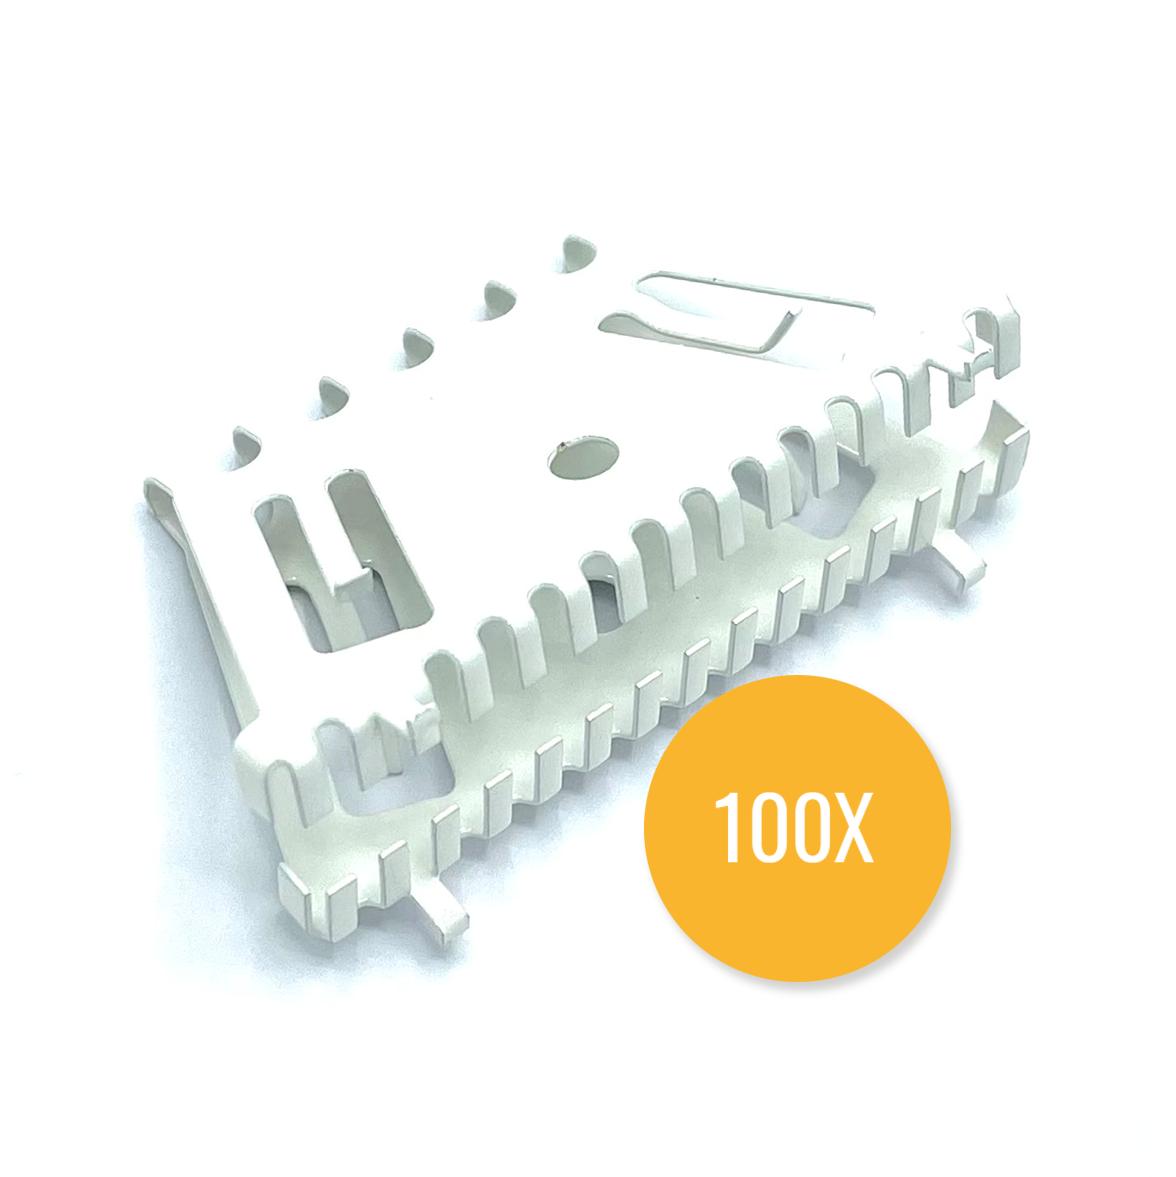 Bijenbekje 70mm RAL 9010 Zuiver wit (Set van 100 stuks) Stootvoegrooster